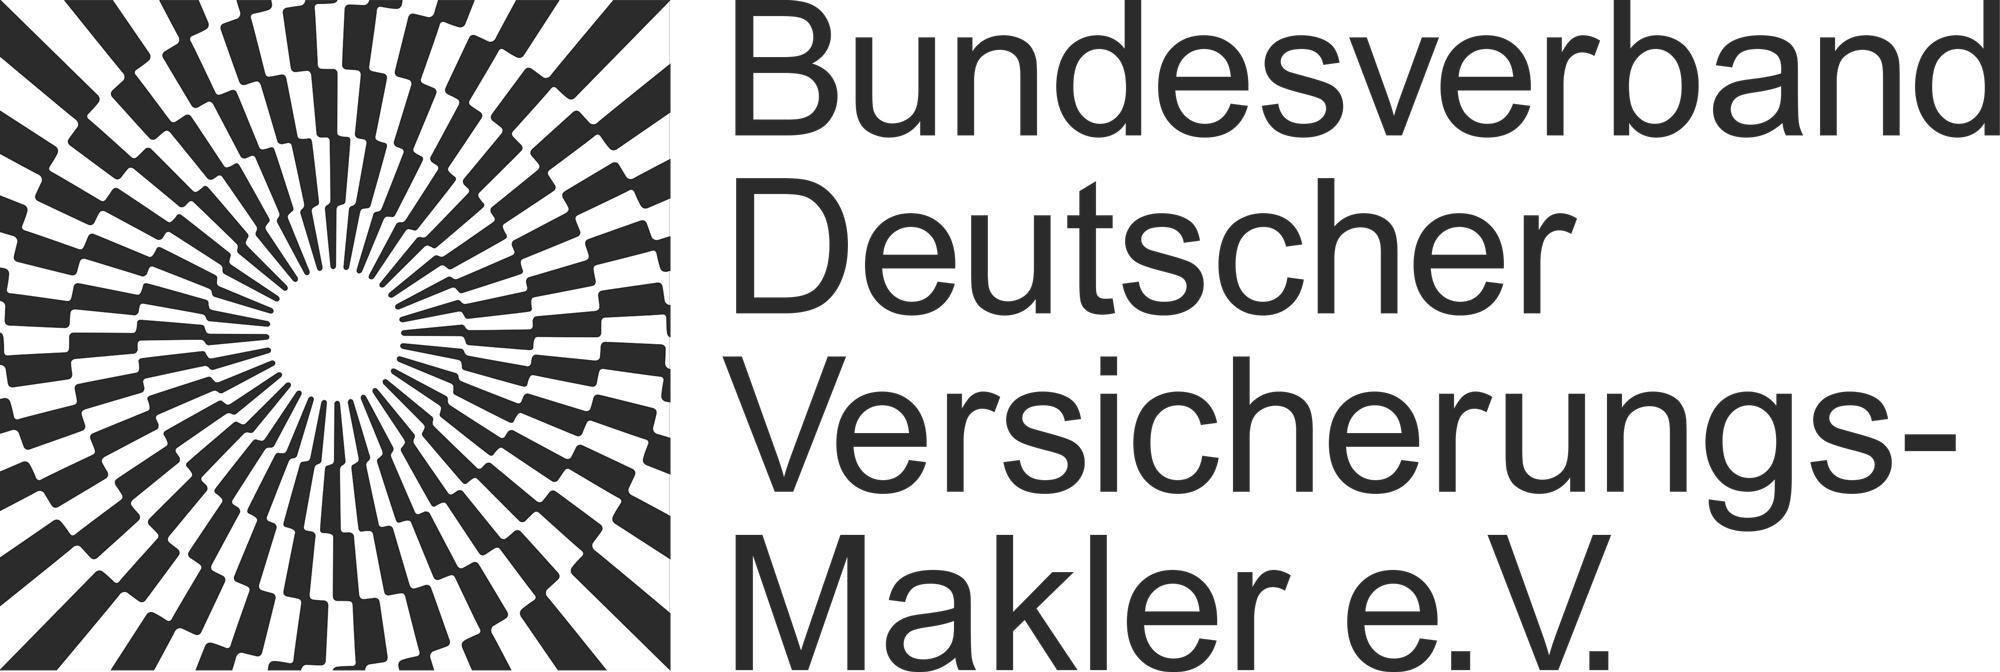 Bundesverband Deutscher Versicherugsmakler e.V. Logo